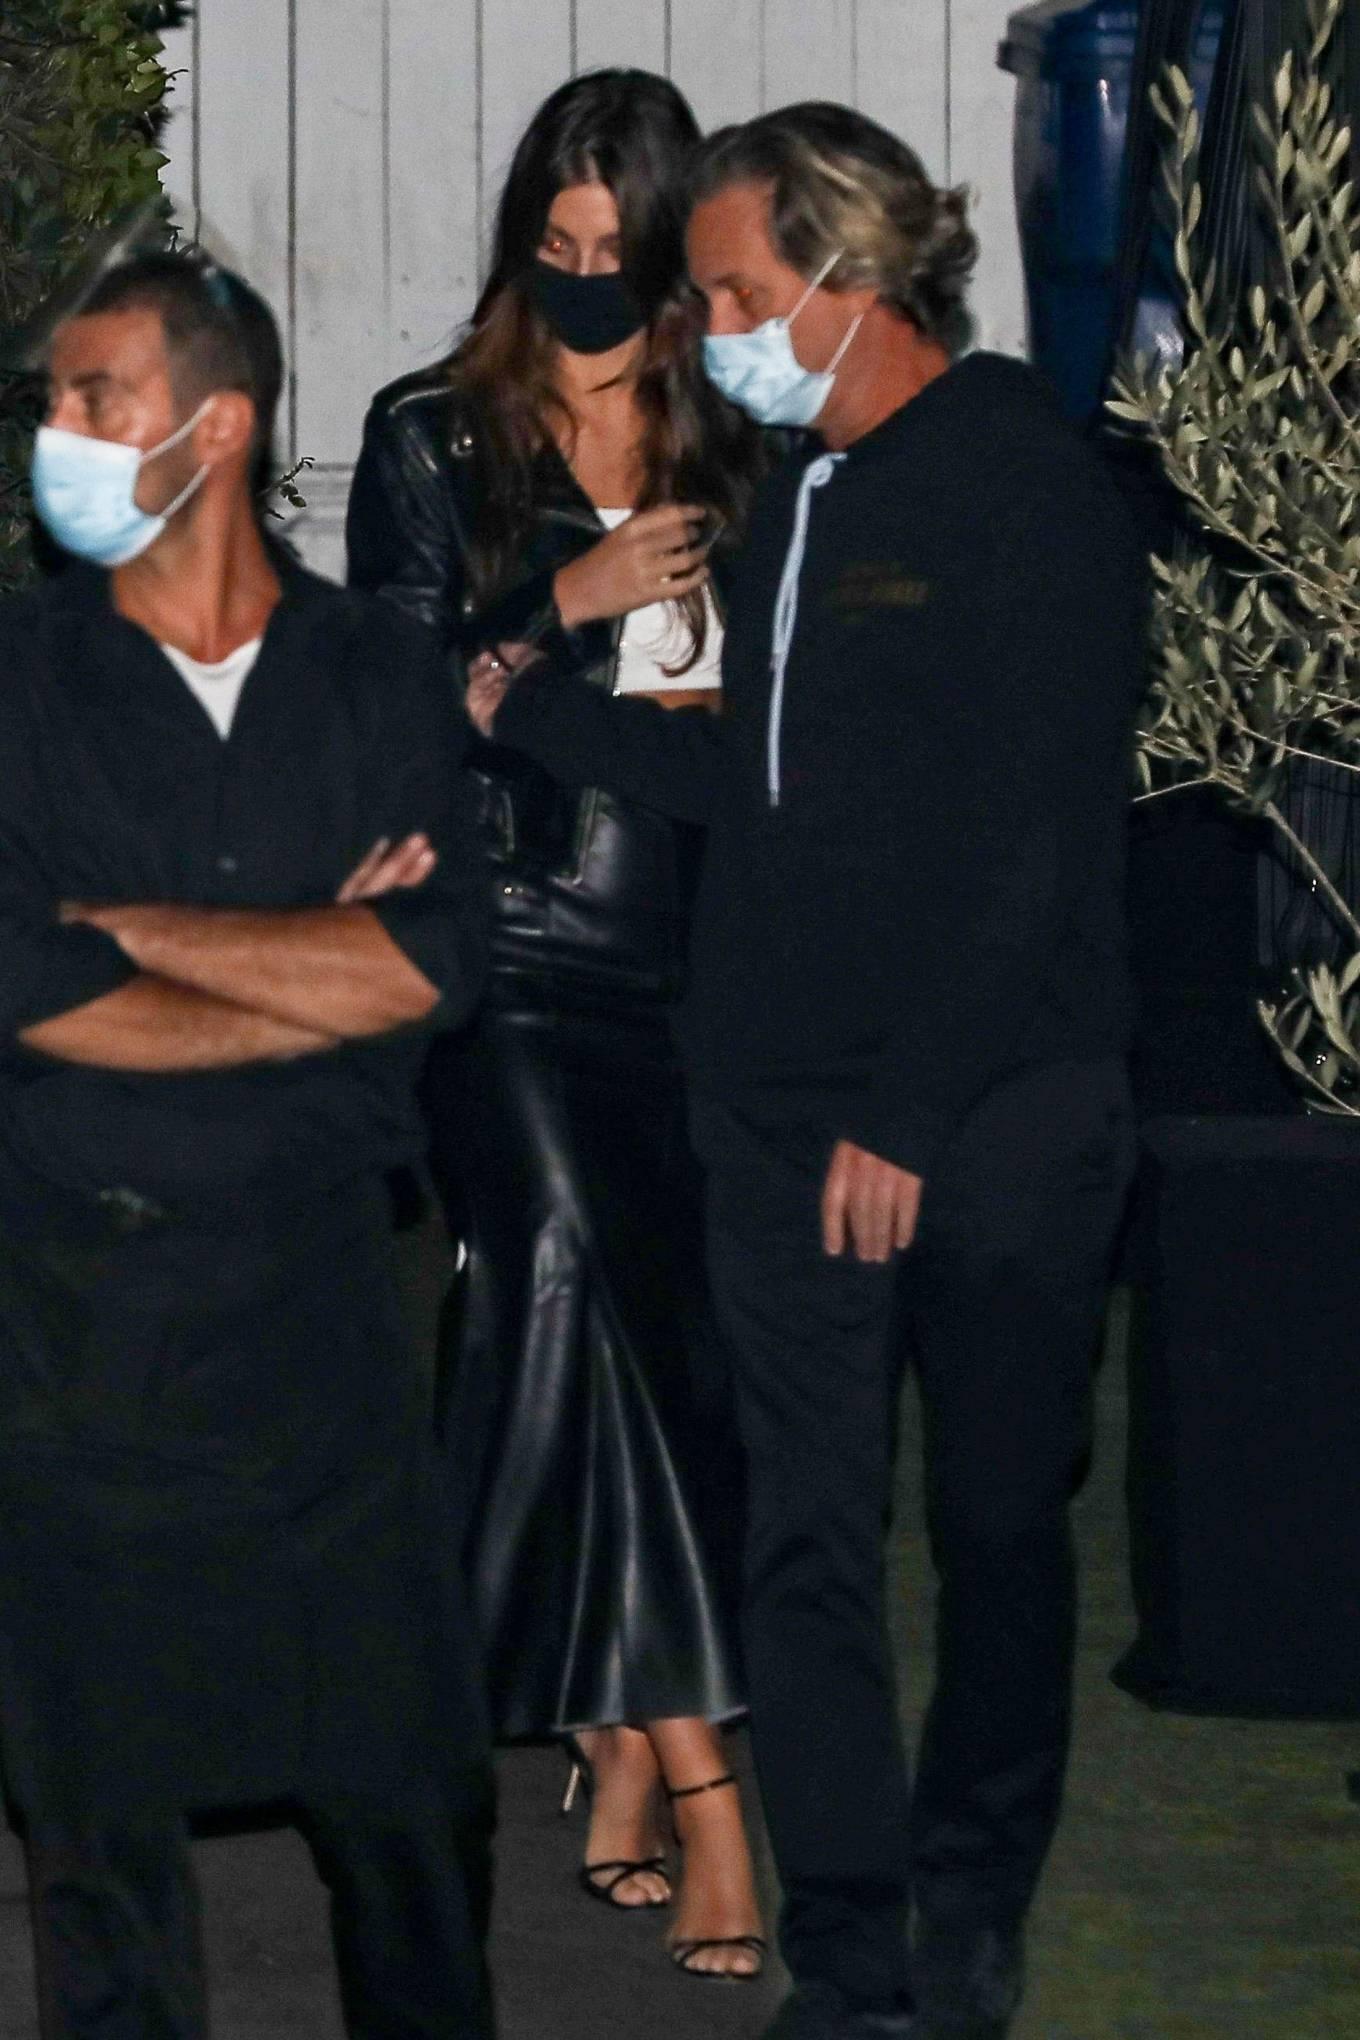 Camila Morrone 2020 : Leonardo DiCaprio and Camila Morrone – Seen with friends at Giorgio Baldi-11